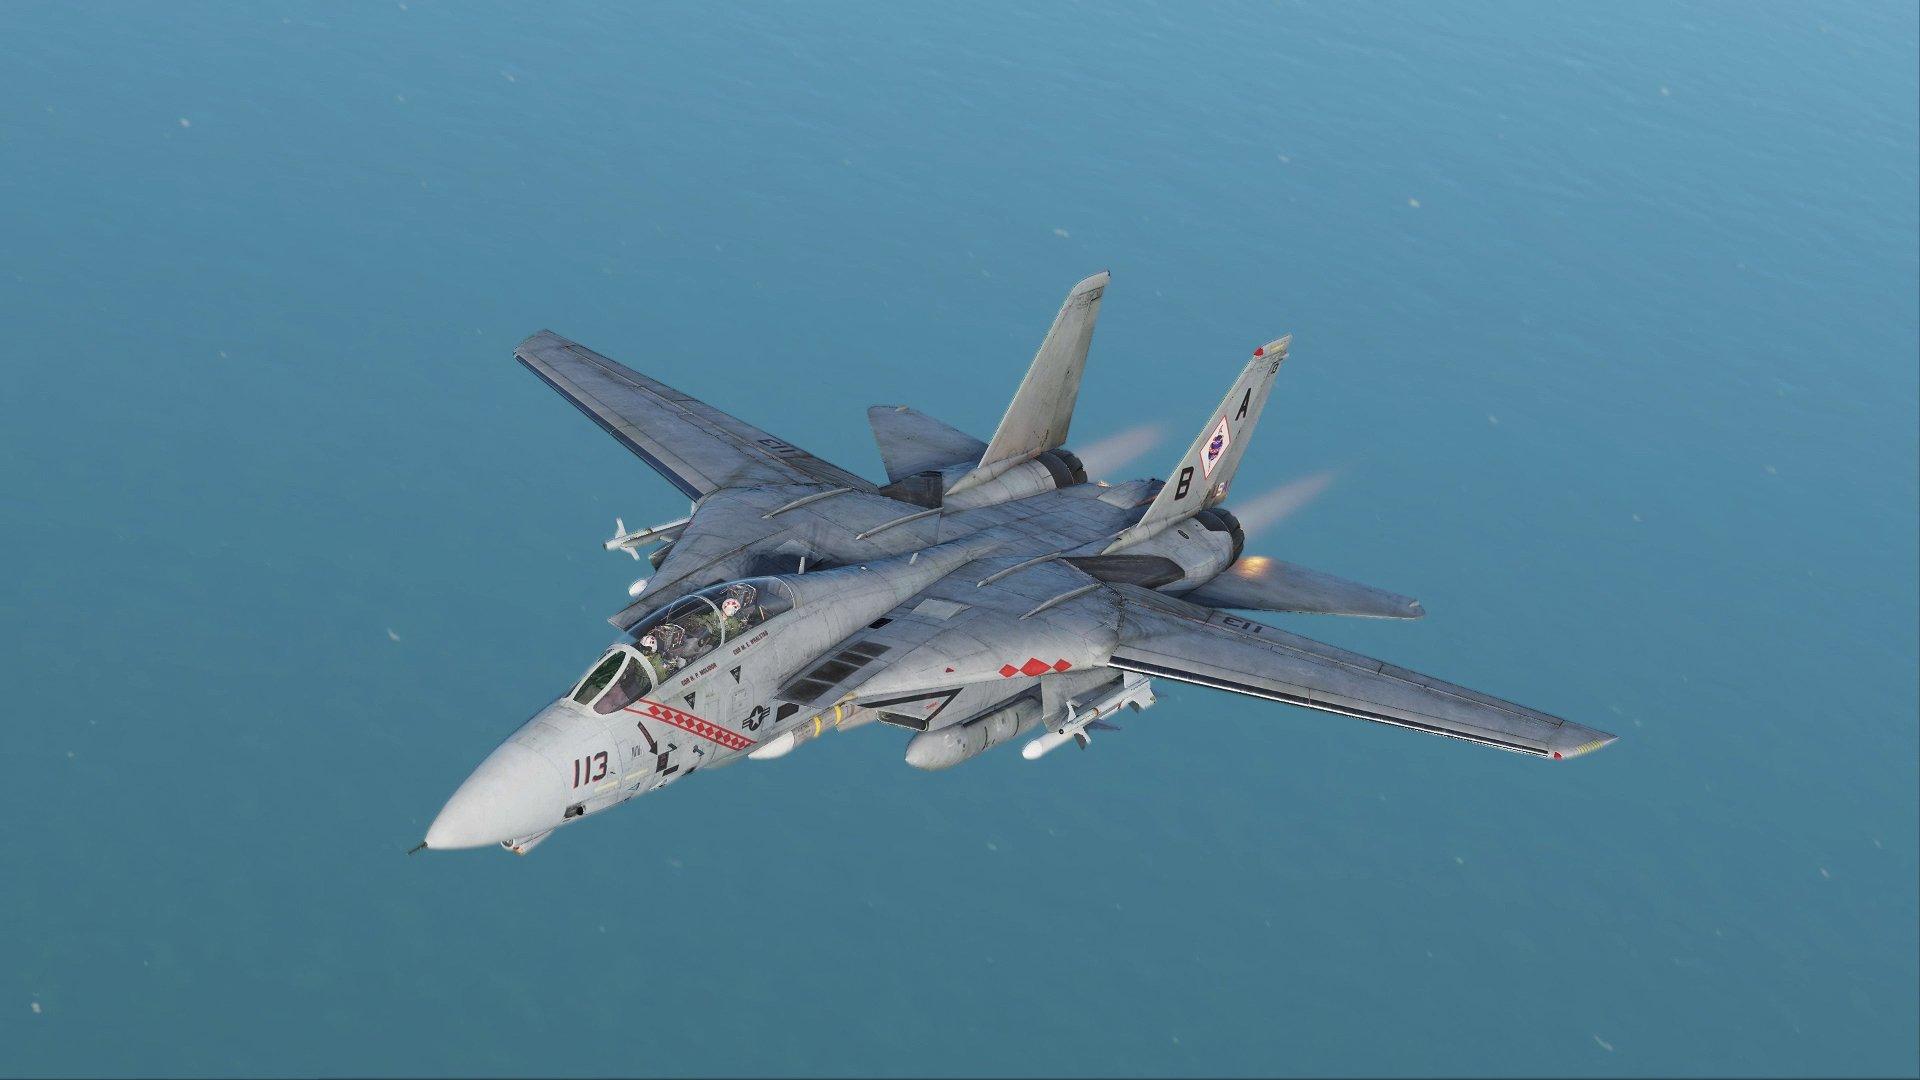 Uno de los aviones más famosos el F-14 a todo detalle en el simulador DCS